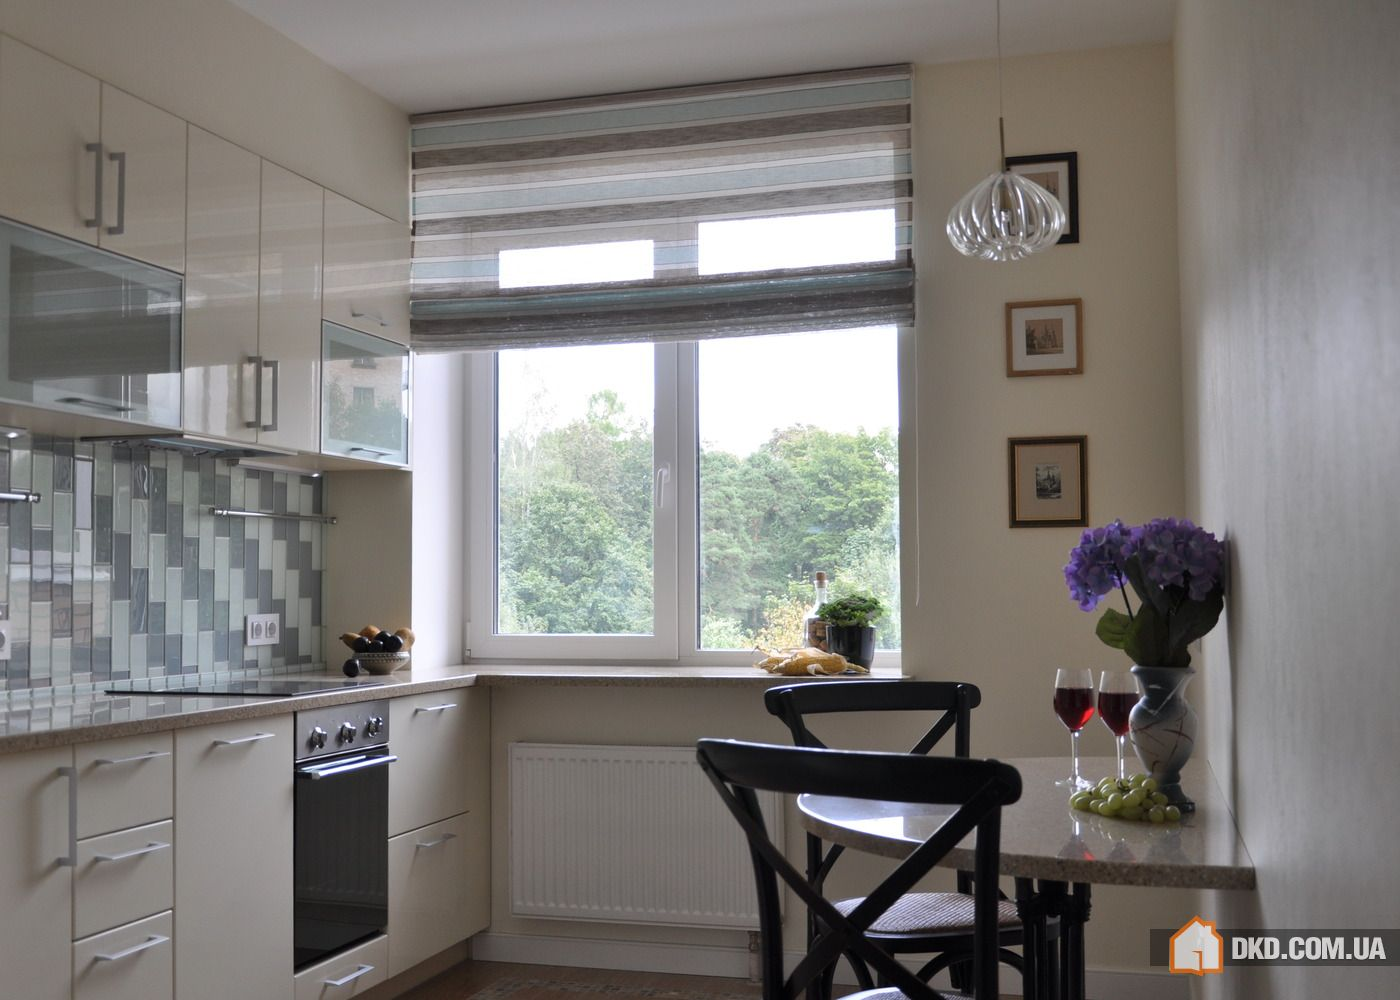 Дизайн интерьера маленькой кухни (51 фото) - 5 кв метров - с.